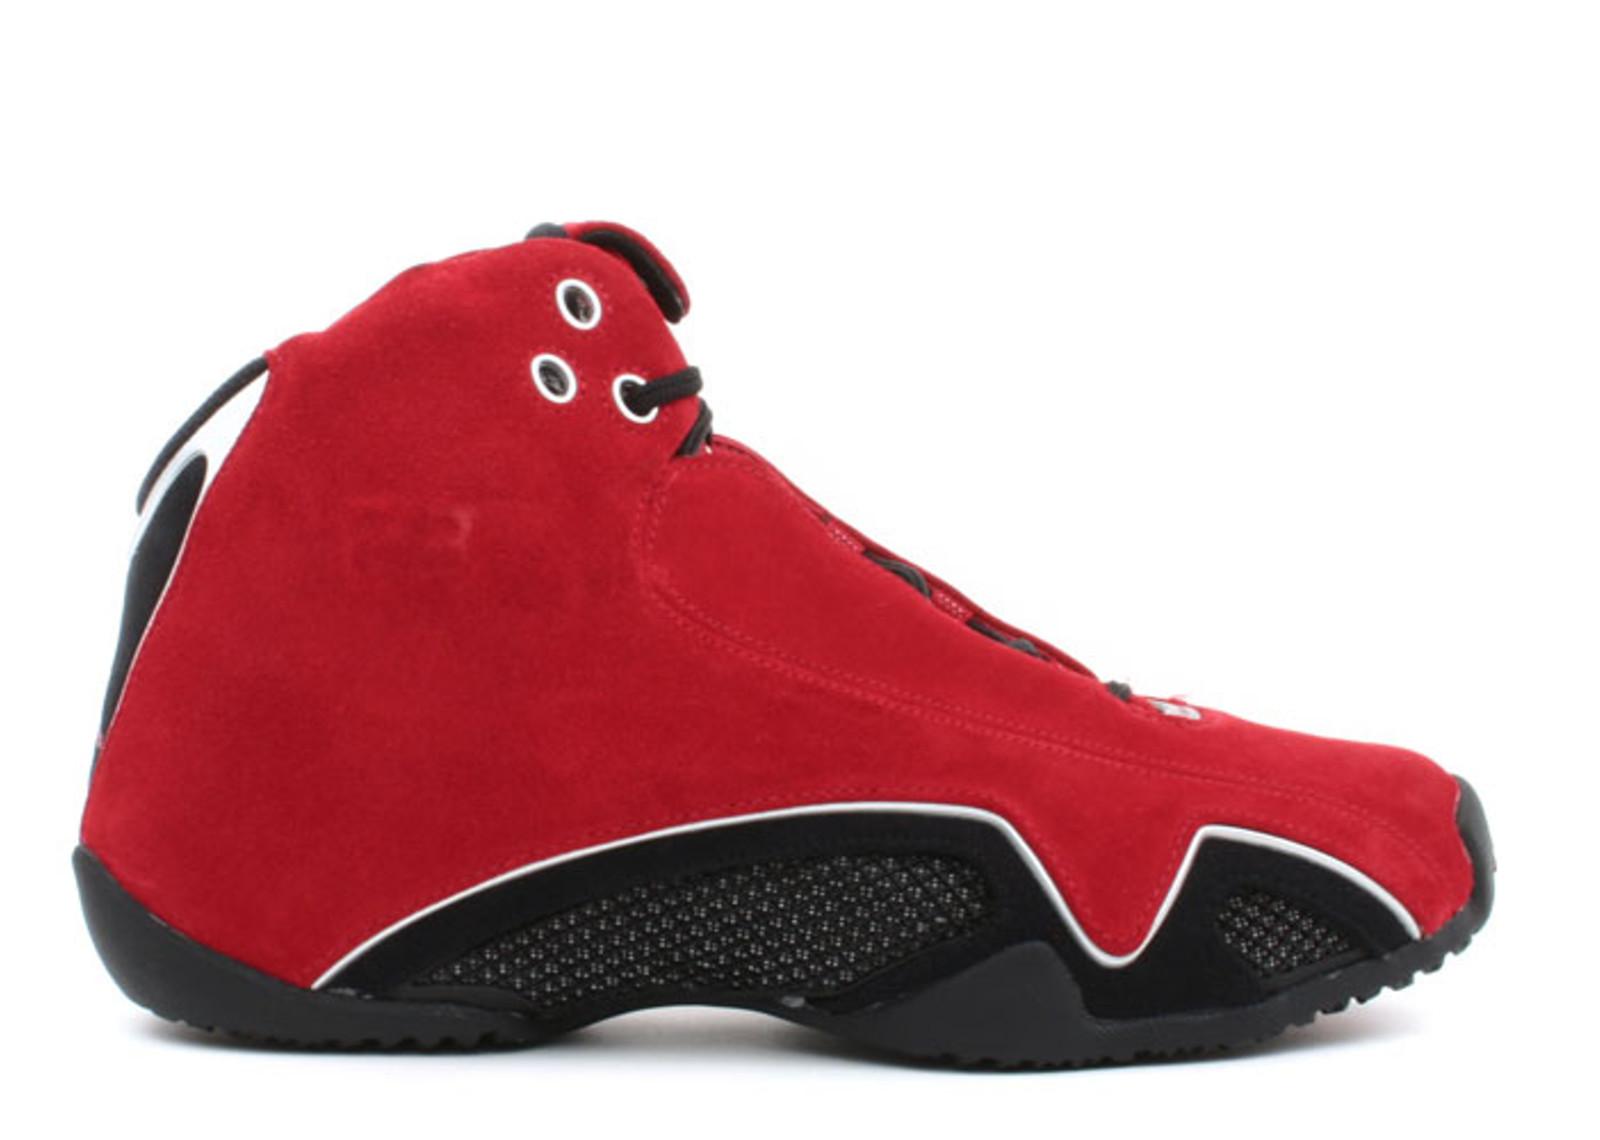 エアー ジョーダン 赤 レッド スエード スウェード バーシティ メンズ 男性用 靴 メンズ靴 スニーカー 【 AIR JORDAN 21 RED SUEDE VARSITY METALLIC SILVERBLACK 】